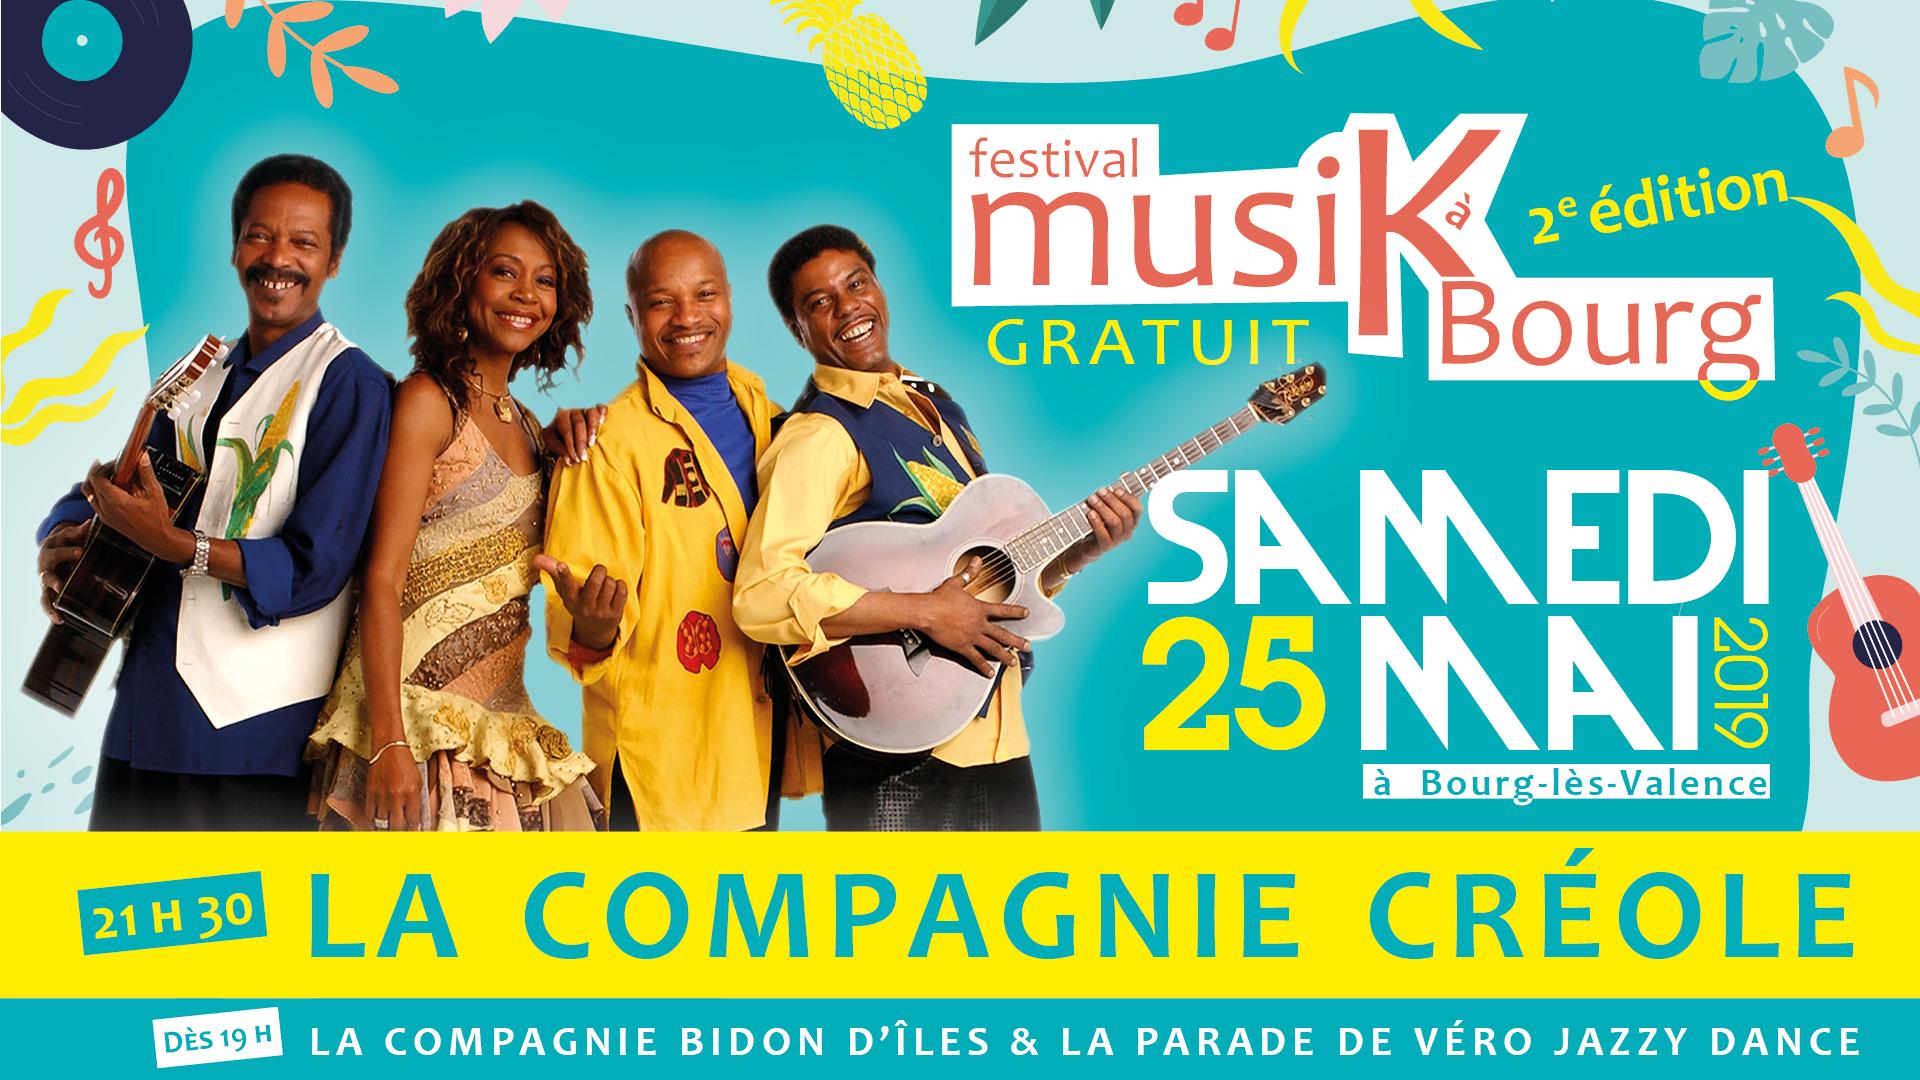 Festival Musikabourg identité visuelle de l'événement musical de la Ville de Bourg Lès Valence